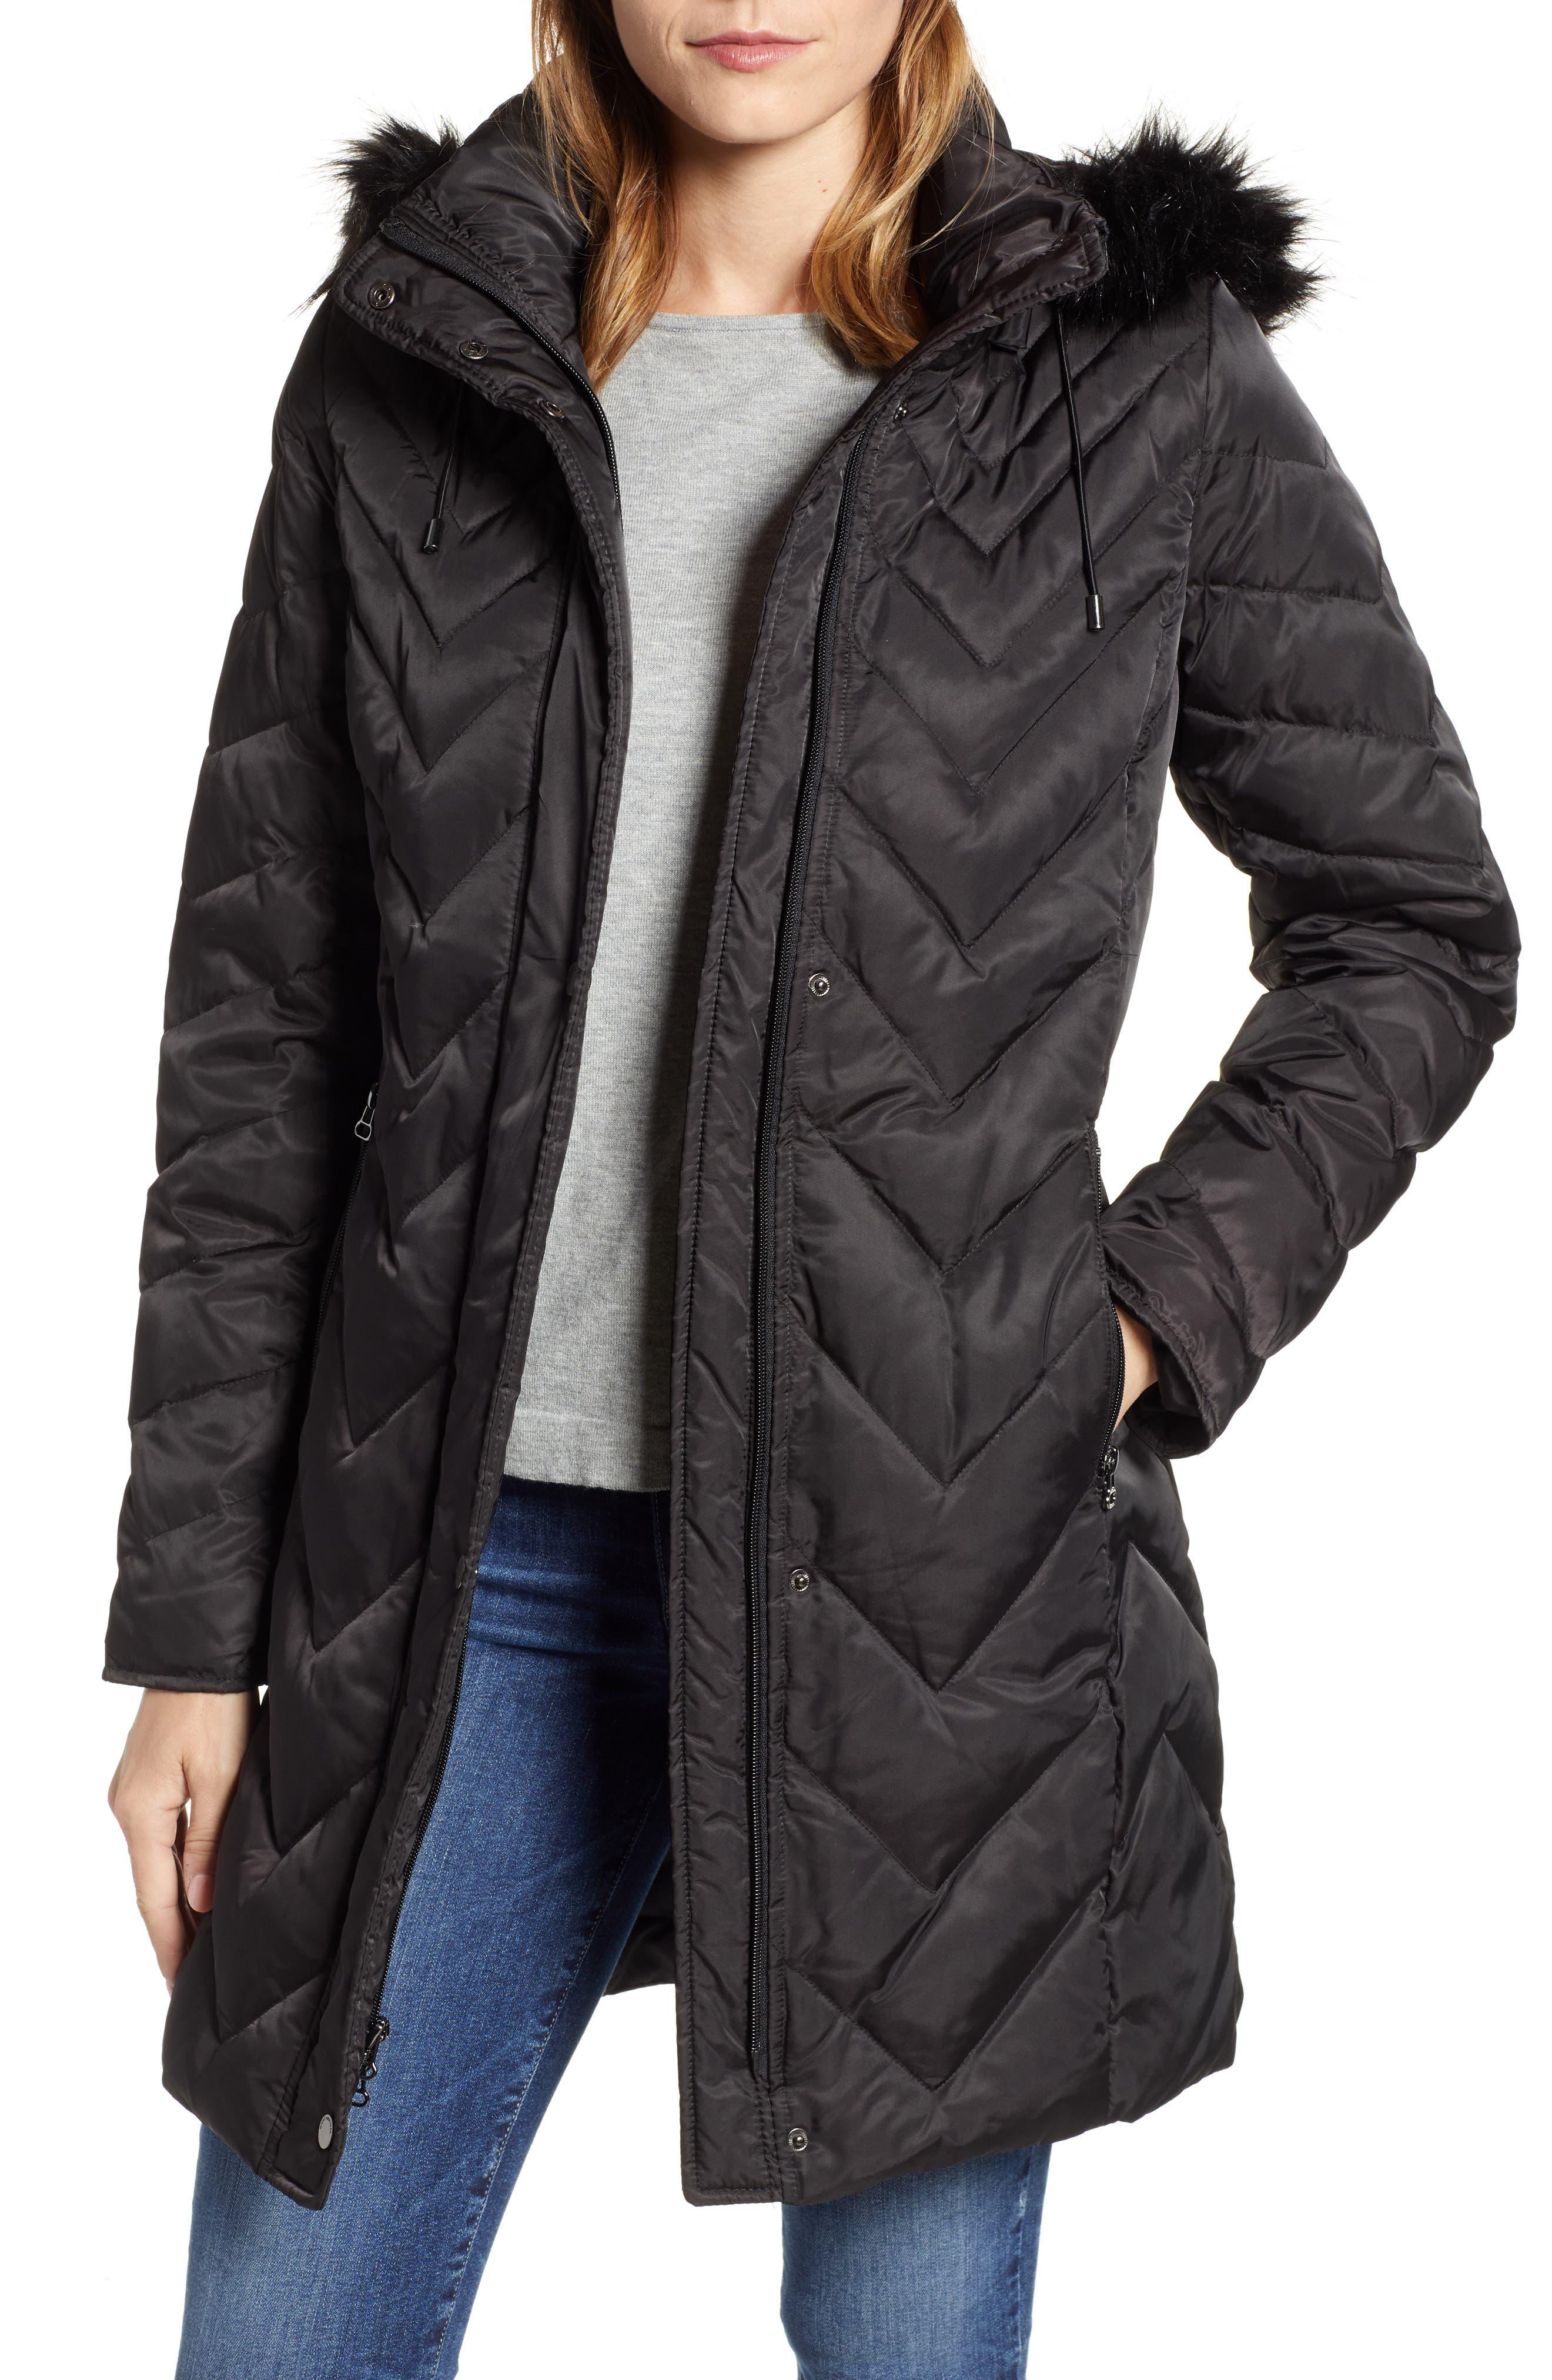 MARC NEW YORK Matte Satin Chevron Faux Fur Trim Coat, Main, color, BLACK